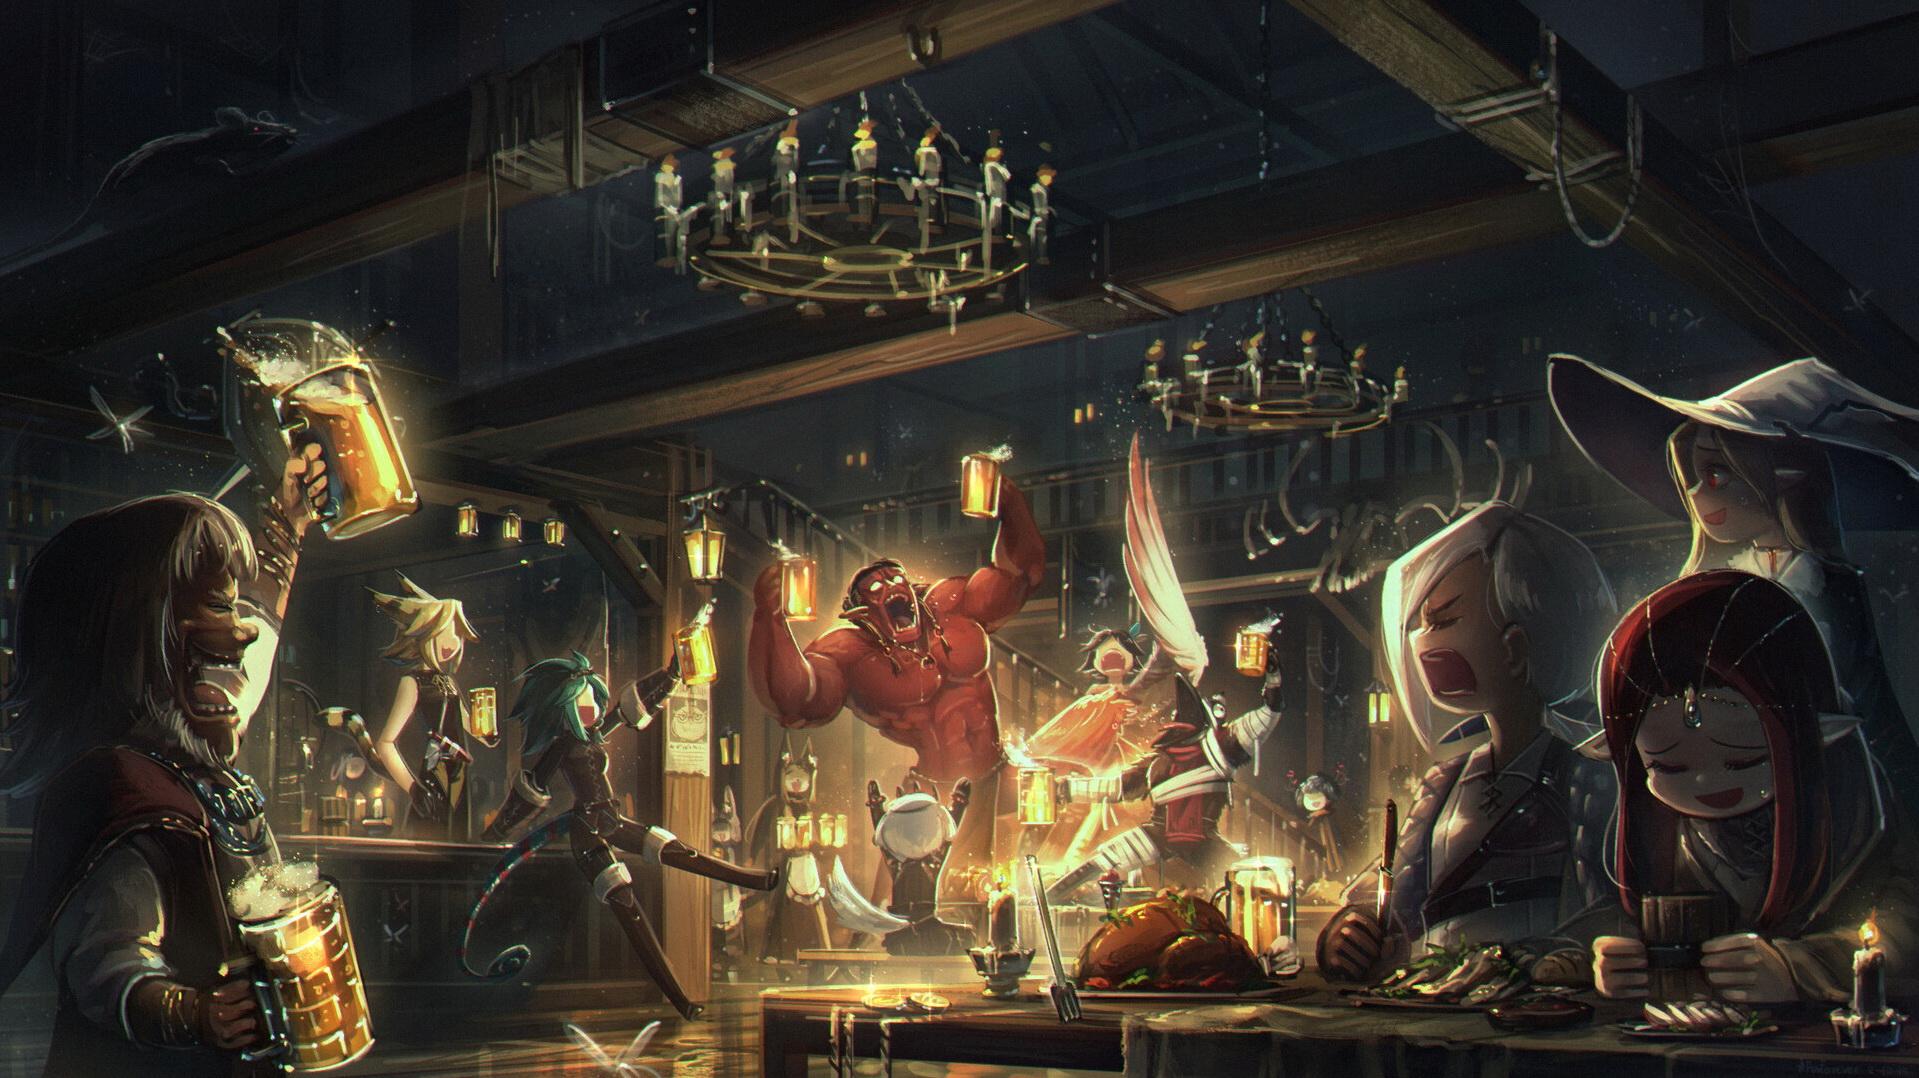 https://i.ibb.co/MfW87mm/tavern-Fantasy-Fantasy-art-5548585.jpg